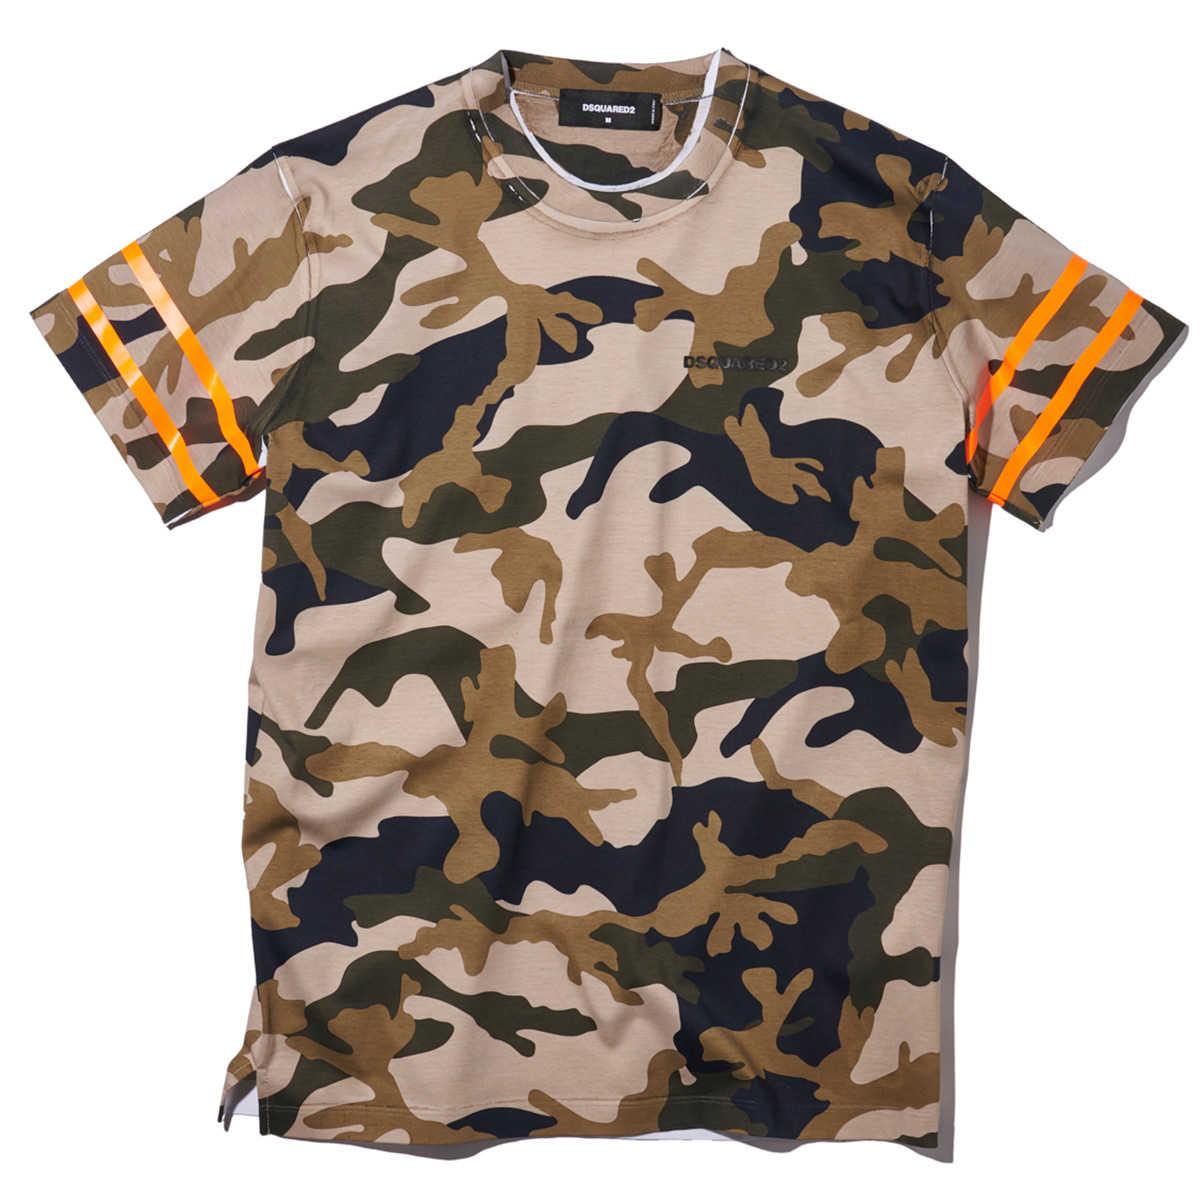 デニムに合うのはコレ!〈ディースクエアード〉のTシャツ5選!